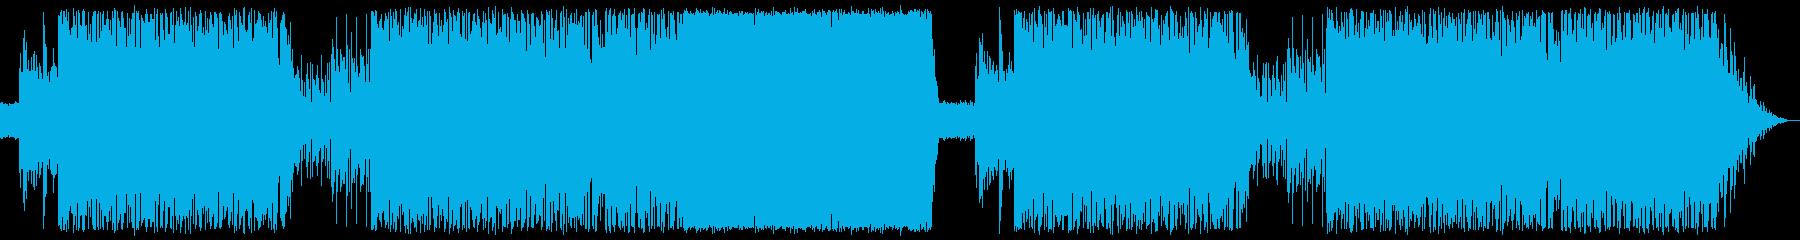 ピアノをメインにしたラテンナンバーの再生済みの波形